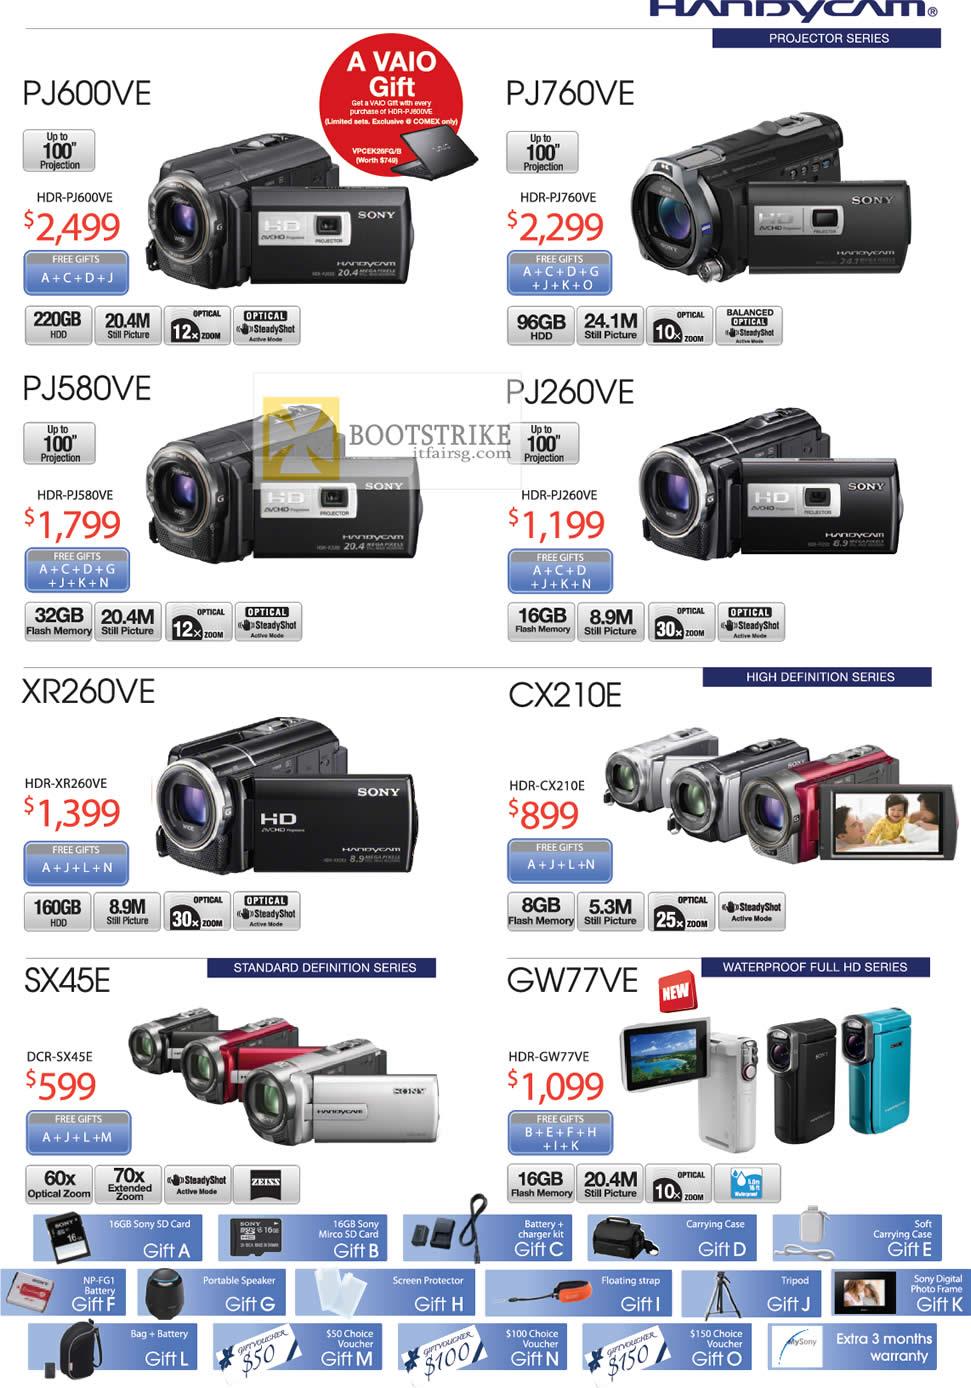 COMEX 2012 price list image brochure of Sony Handycam Video Camcorders HDR PJ600VE, PJ760VE, PJ580VE, PJ260VE, XR260VE, CX210E, GW77VE, DCR SX45E